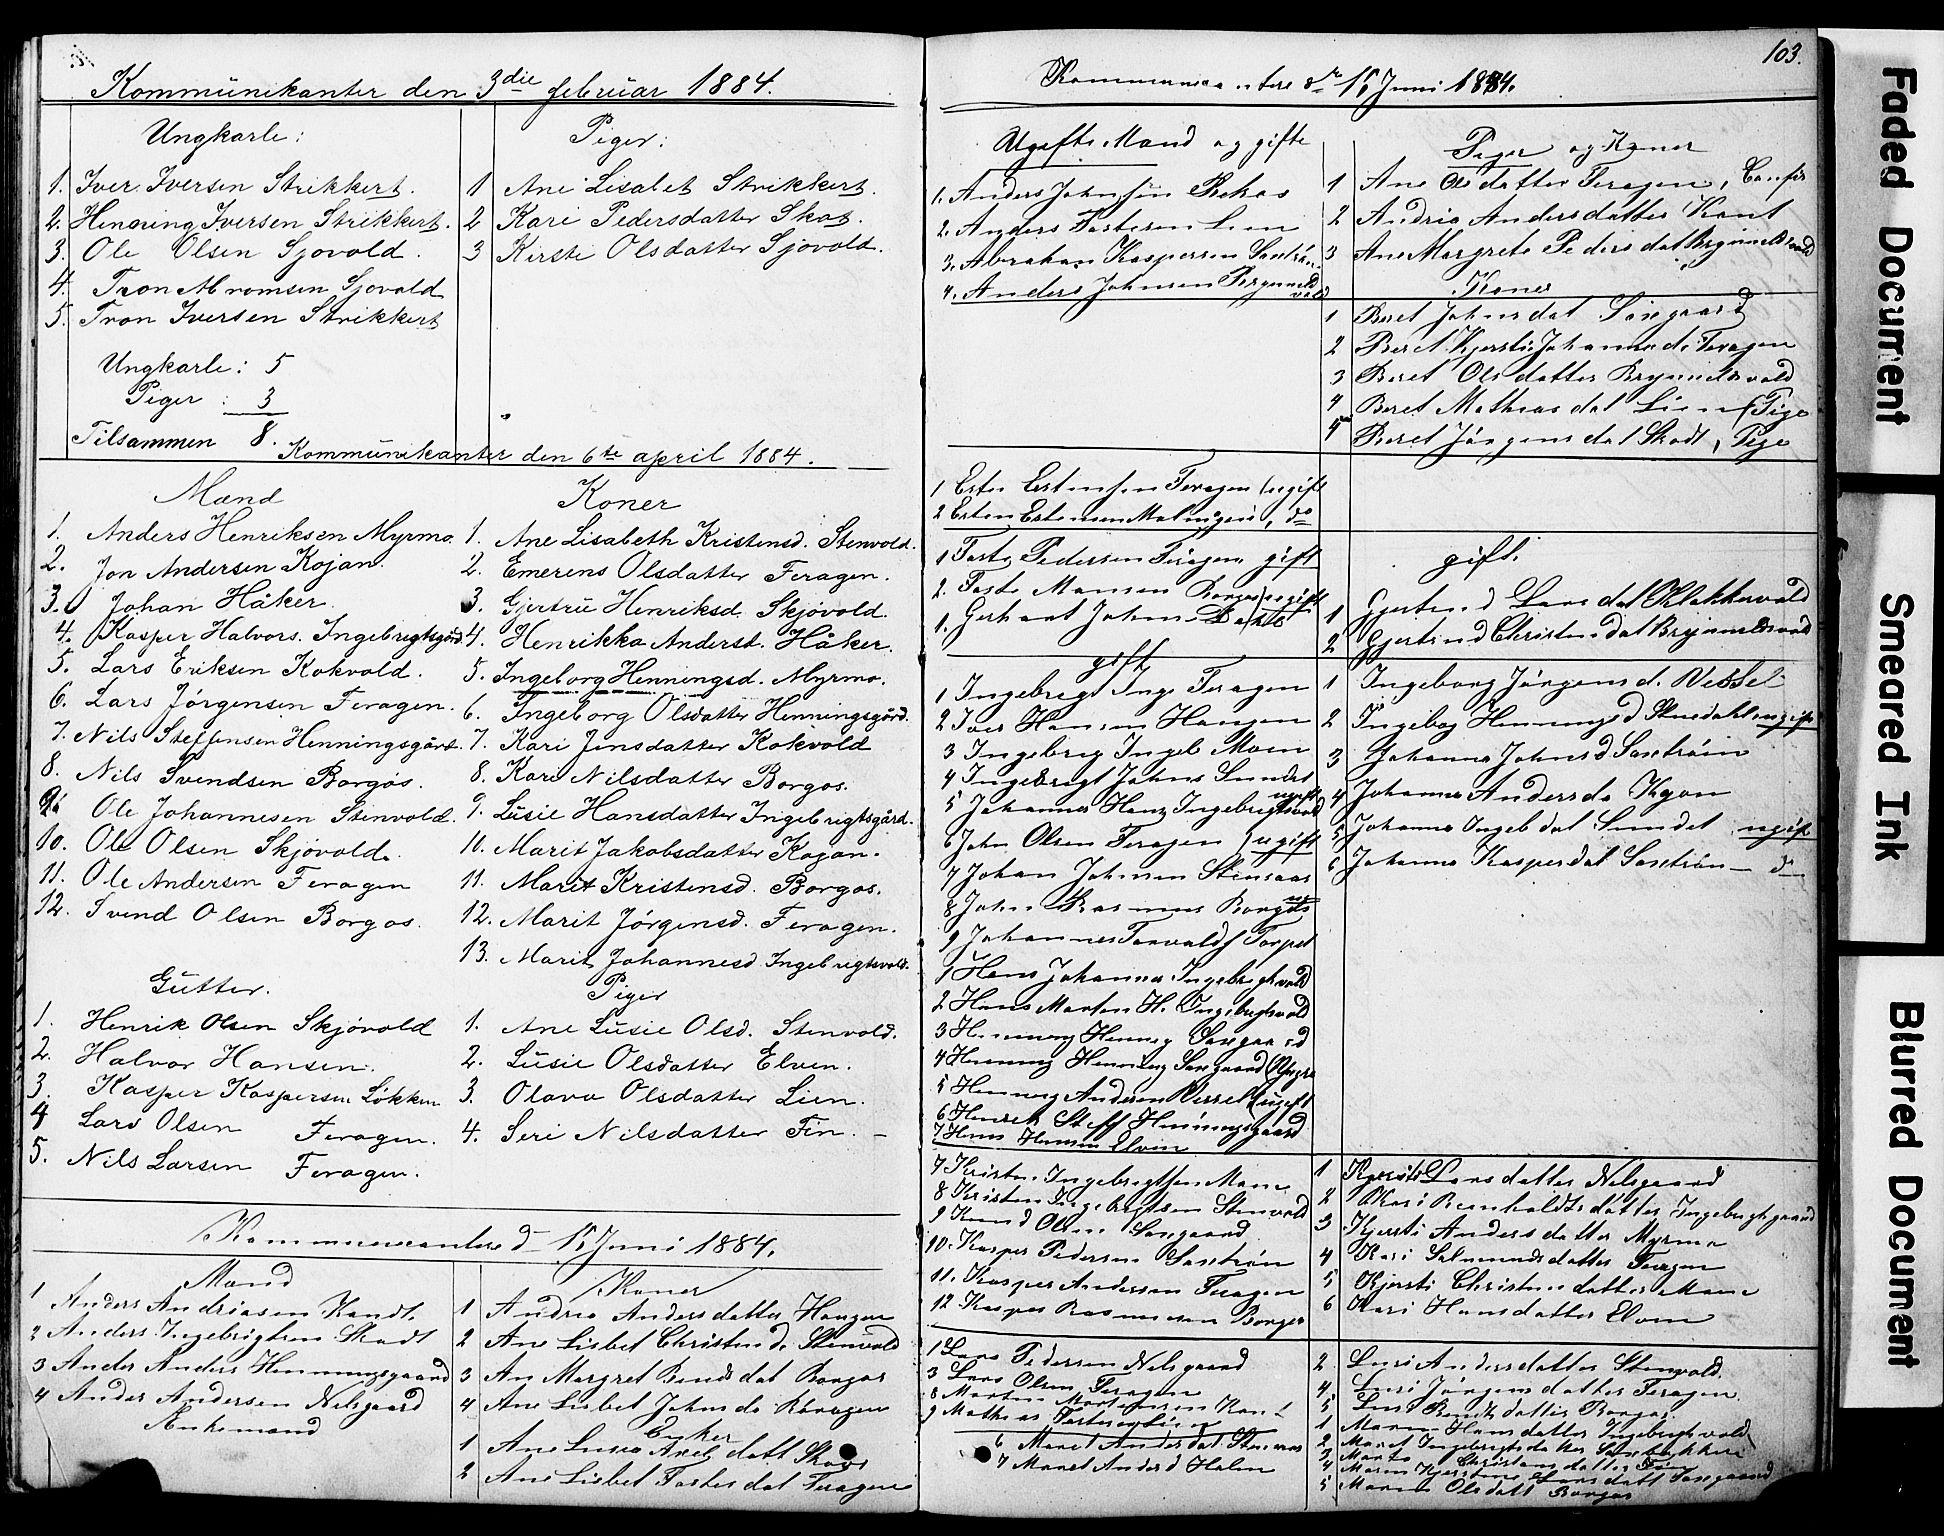 SAT, Ministerialprotokoller, klokkerbøker og fødselsregistre - Sør-Trøndelag, 683/L0949: Klokkerbok nr. 683C01, 1880-1896, s. 103